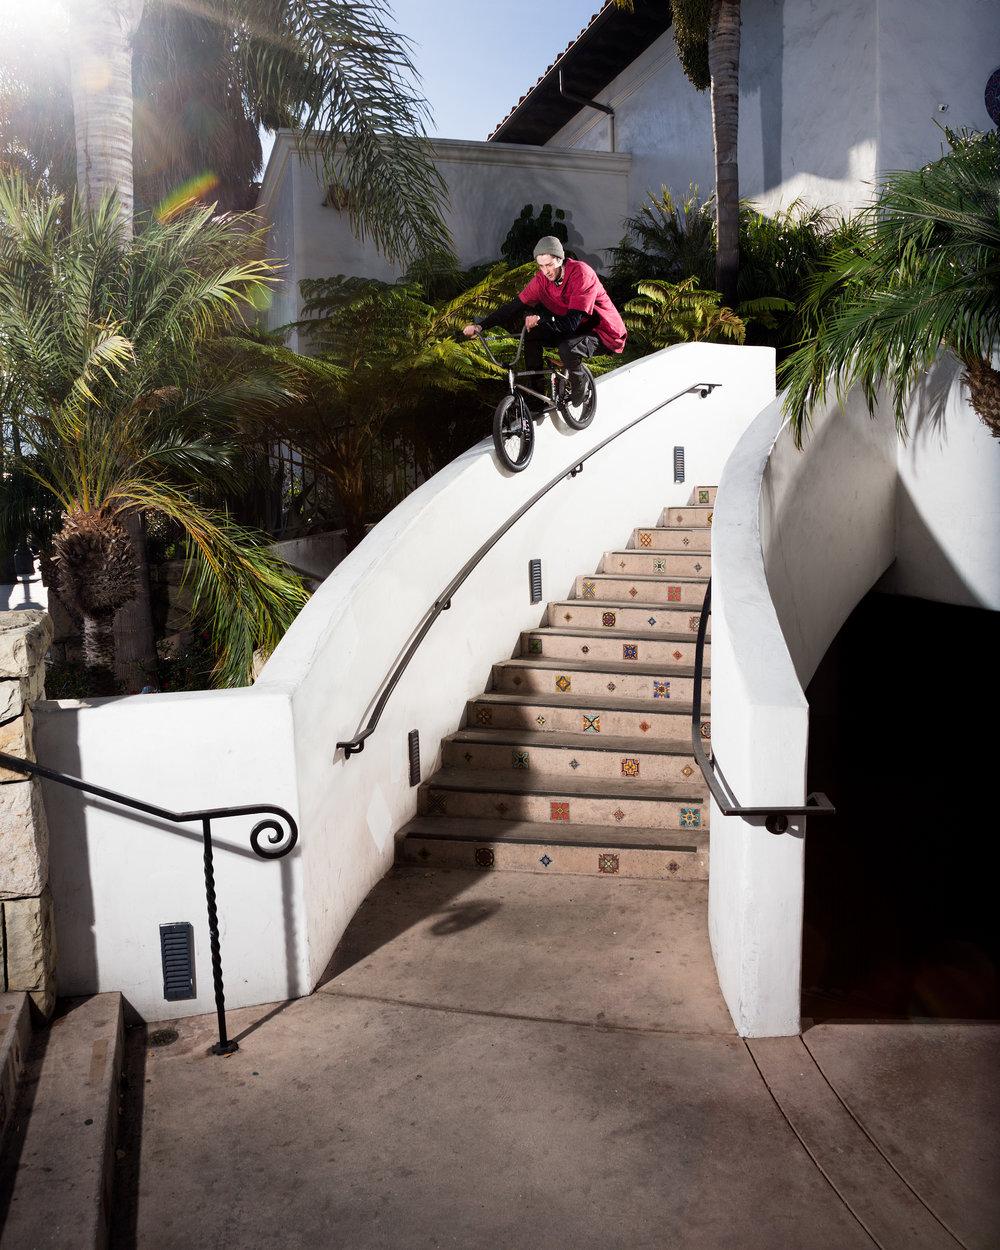 David-Grant-BMX-Santa-Barbara-Devin-Feil.jpg